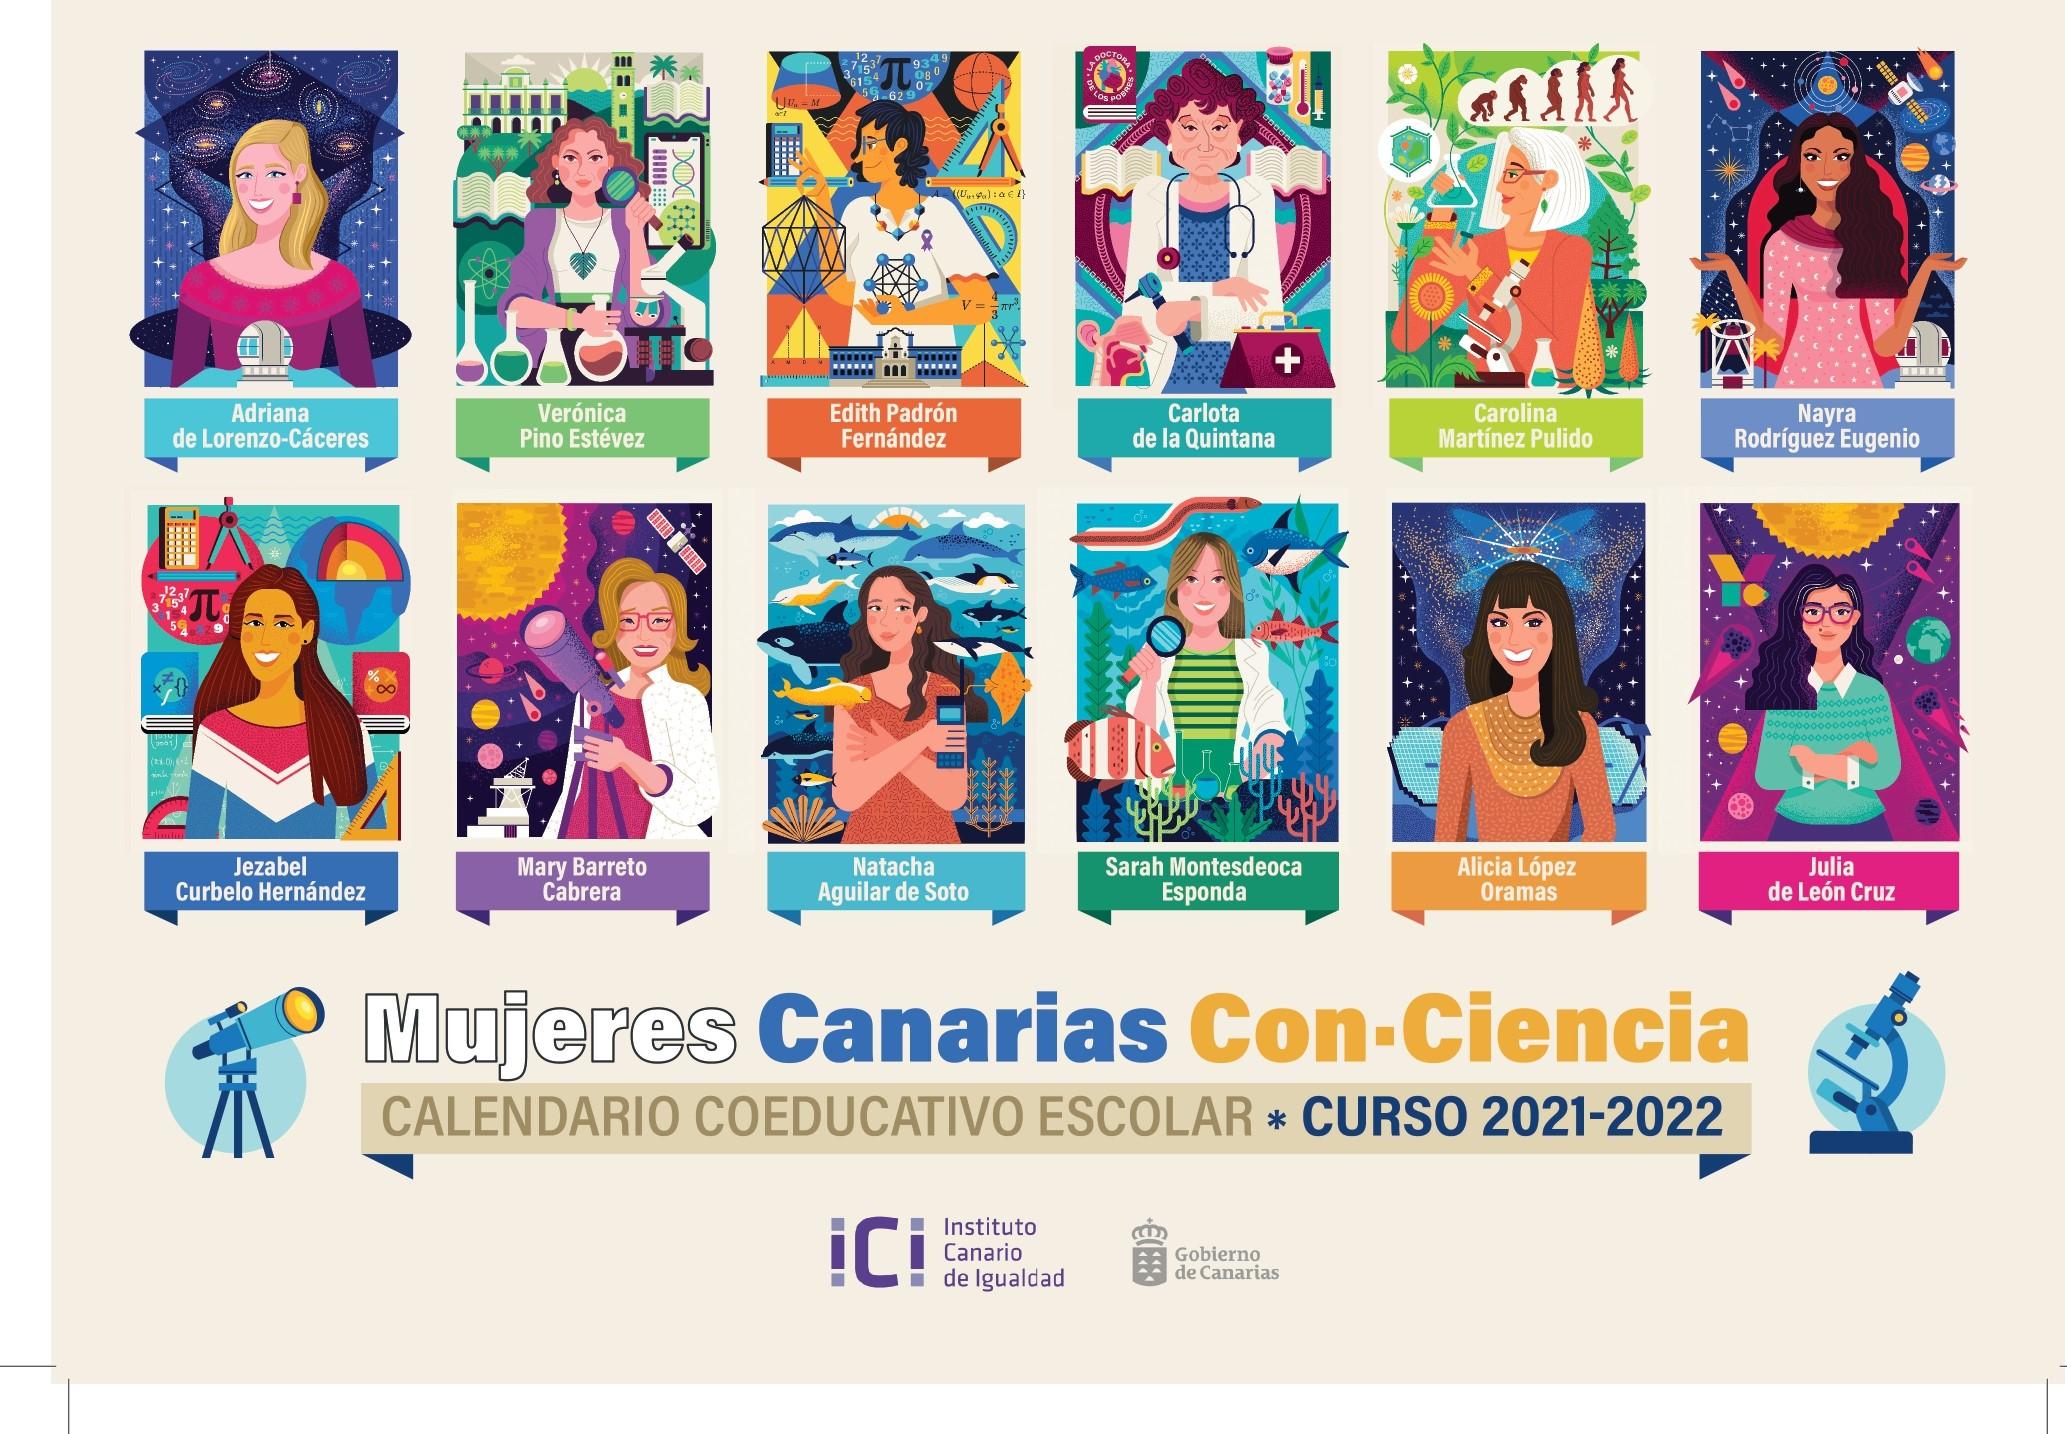 El Instituto Canario de Igualdad visibiliza el legado de doce científicas canarias entre el alumnado de las Islas